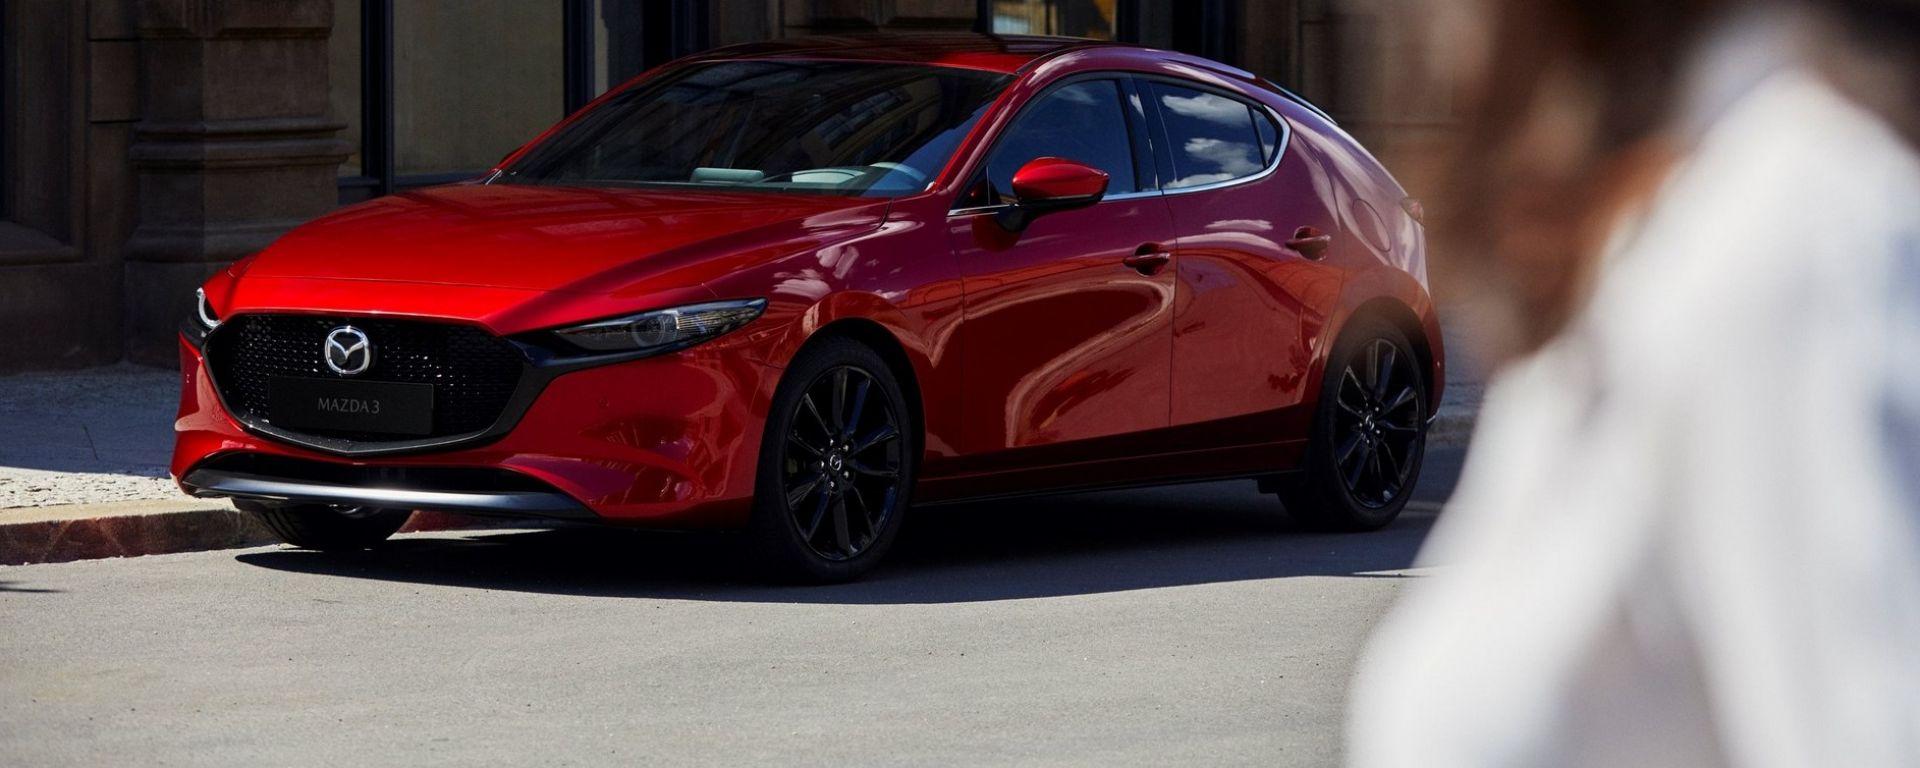 Nuova Mazda 3 2019 Dimensioni Interni Motori Foto Tempi Di